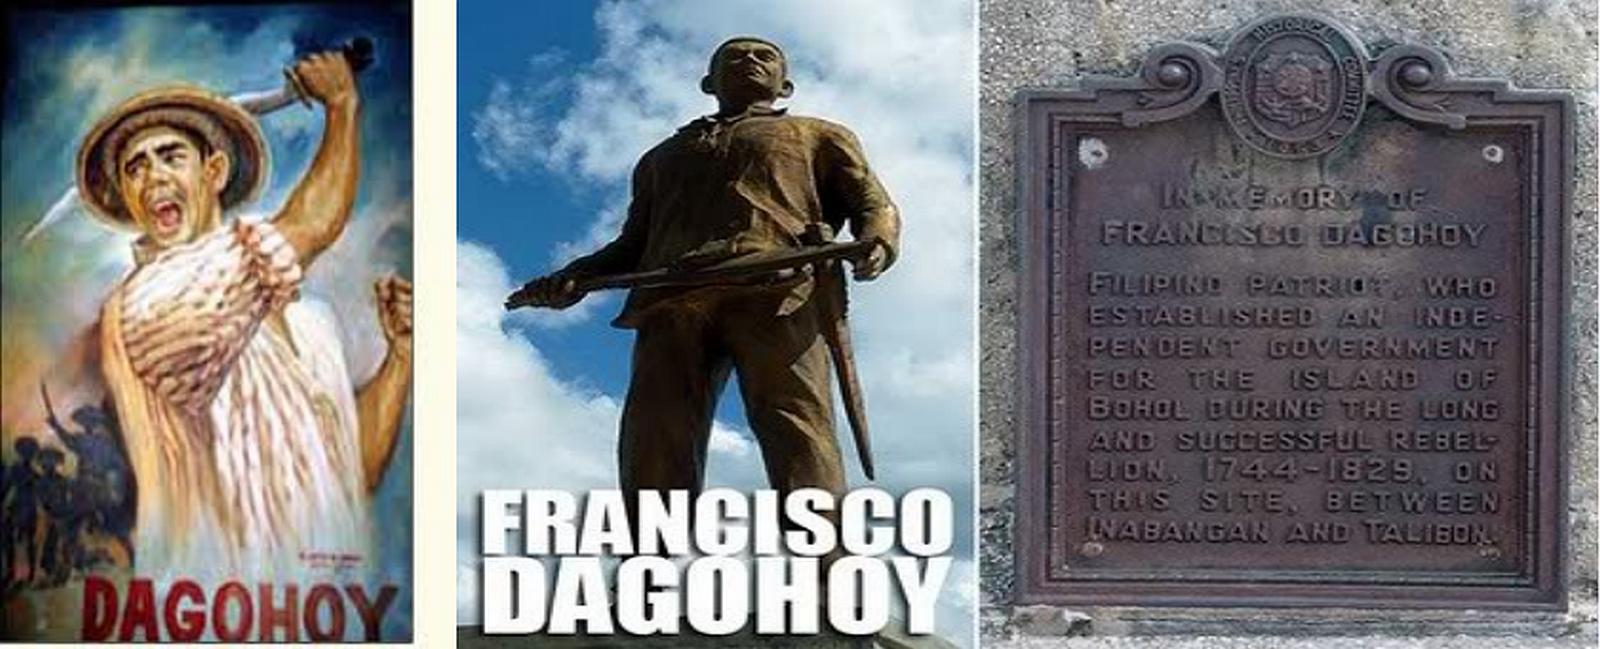 PHILIPPINEN REISEN - ORTE - BOHOL - Touristische Ortsbeschreibung für Danao